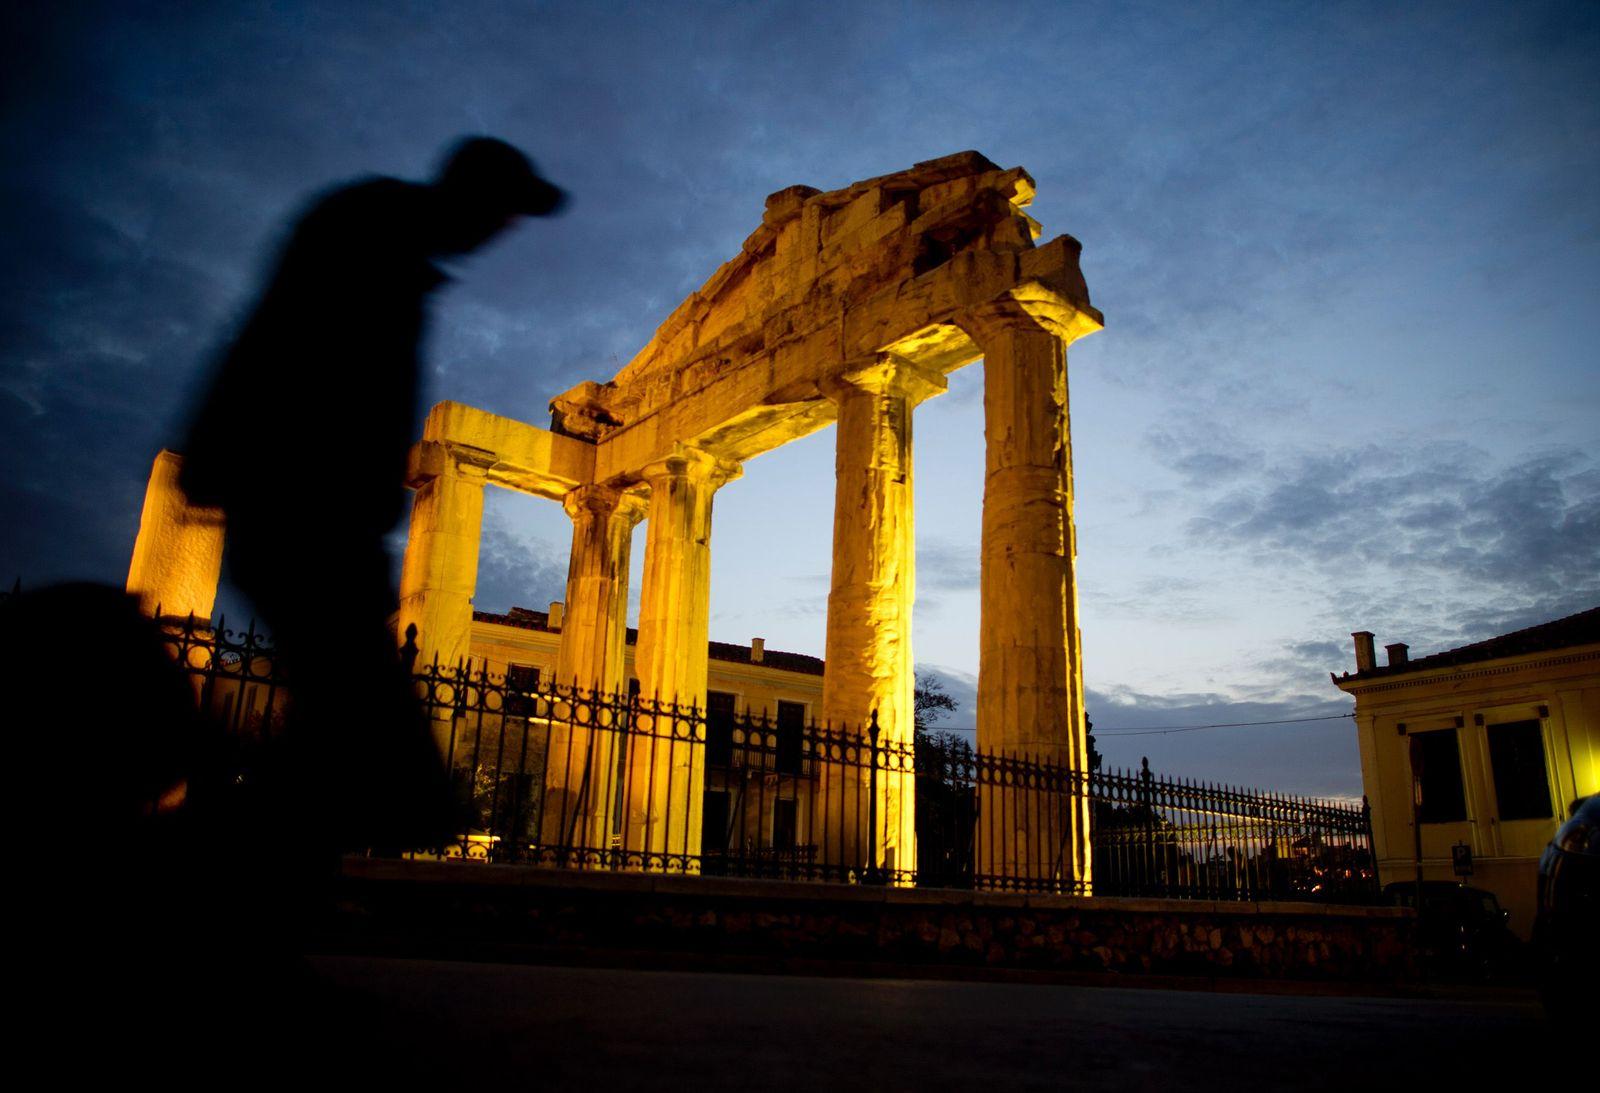 NICHT VERWENDEN Griechenland / Finanzkrise / Bettler